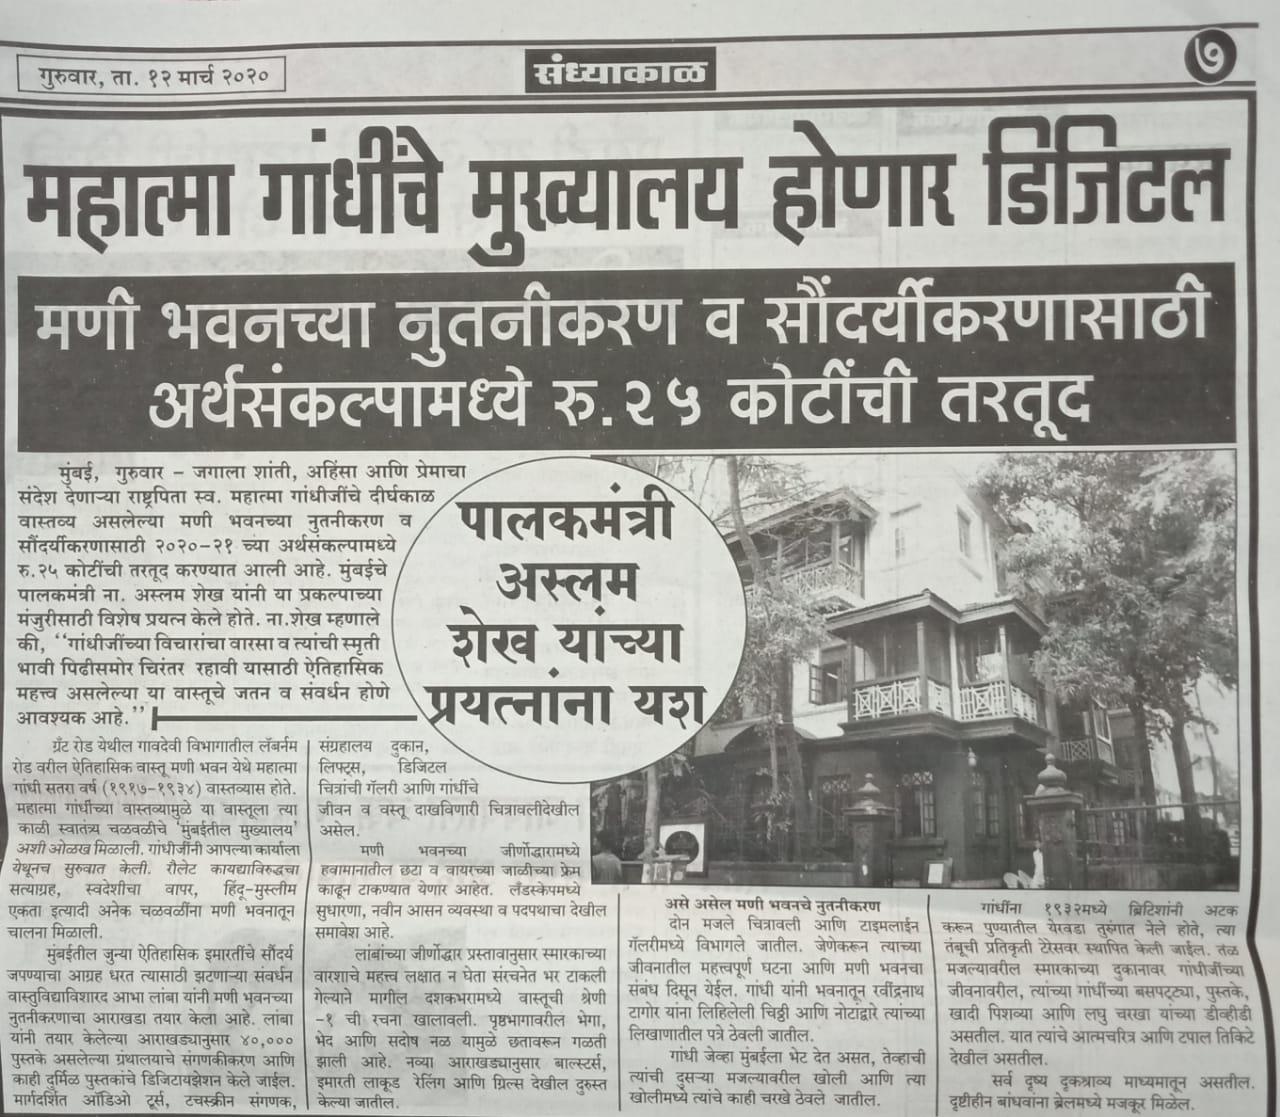 महात्मा गांधींचे मुख्यालय होणार डिजिटल. मणी भवनच्या नुतनीकरण व सौंदर्यीकरणासाठी अर्थसंकल्पामध्ये रु. २५ कोटींची तरतुद – पालकमंत्री अस्लम शेख यांच्या प्रयत्नांना यश